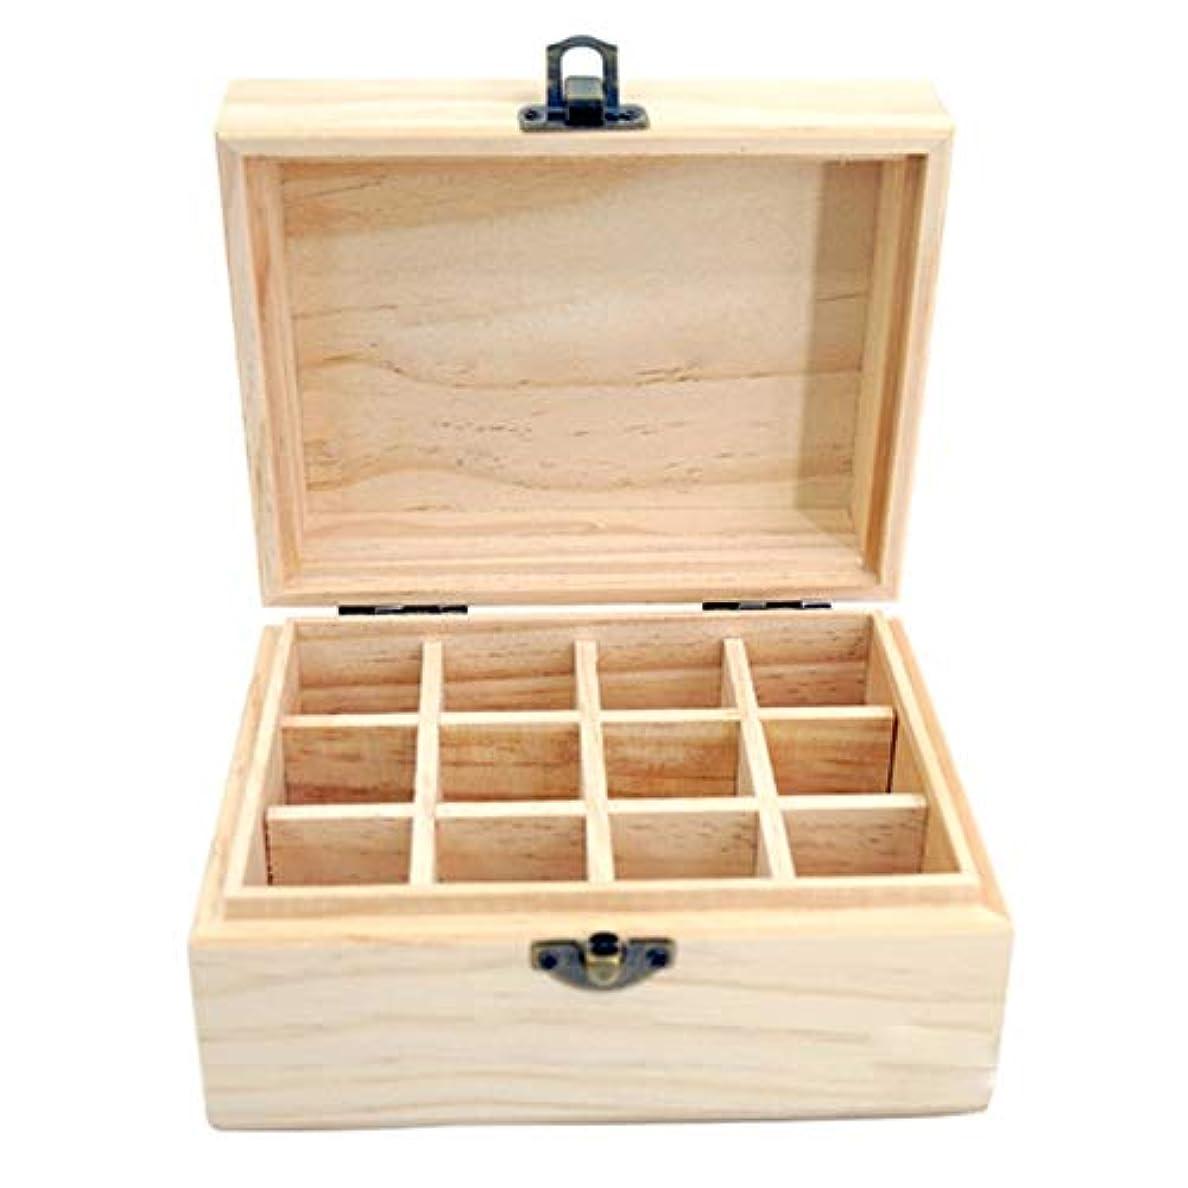 机愚かな所有者エッセンシャルオイルストレージボックス 18スロットエッセンシャルオイル木製ボックス収納ケースは、あなたの油安全保護さを保つ保護します 旅行およびプレゼンテーション用 (色 : Natural, サイズ : 15X11.5X8CM)